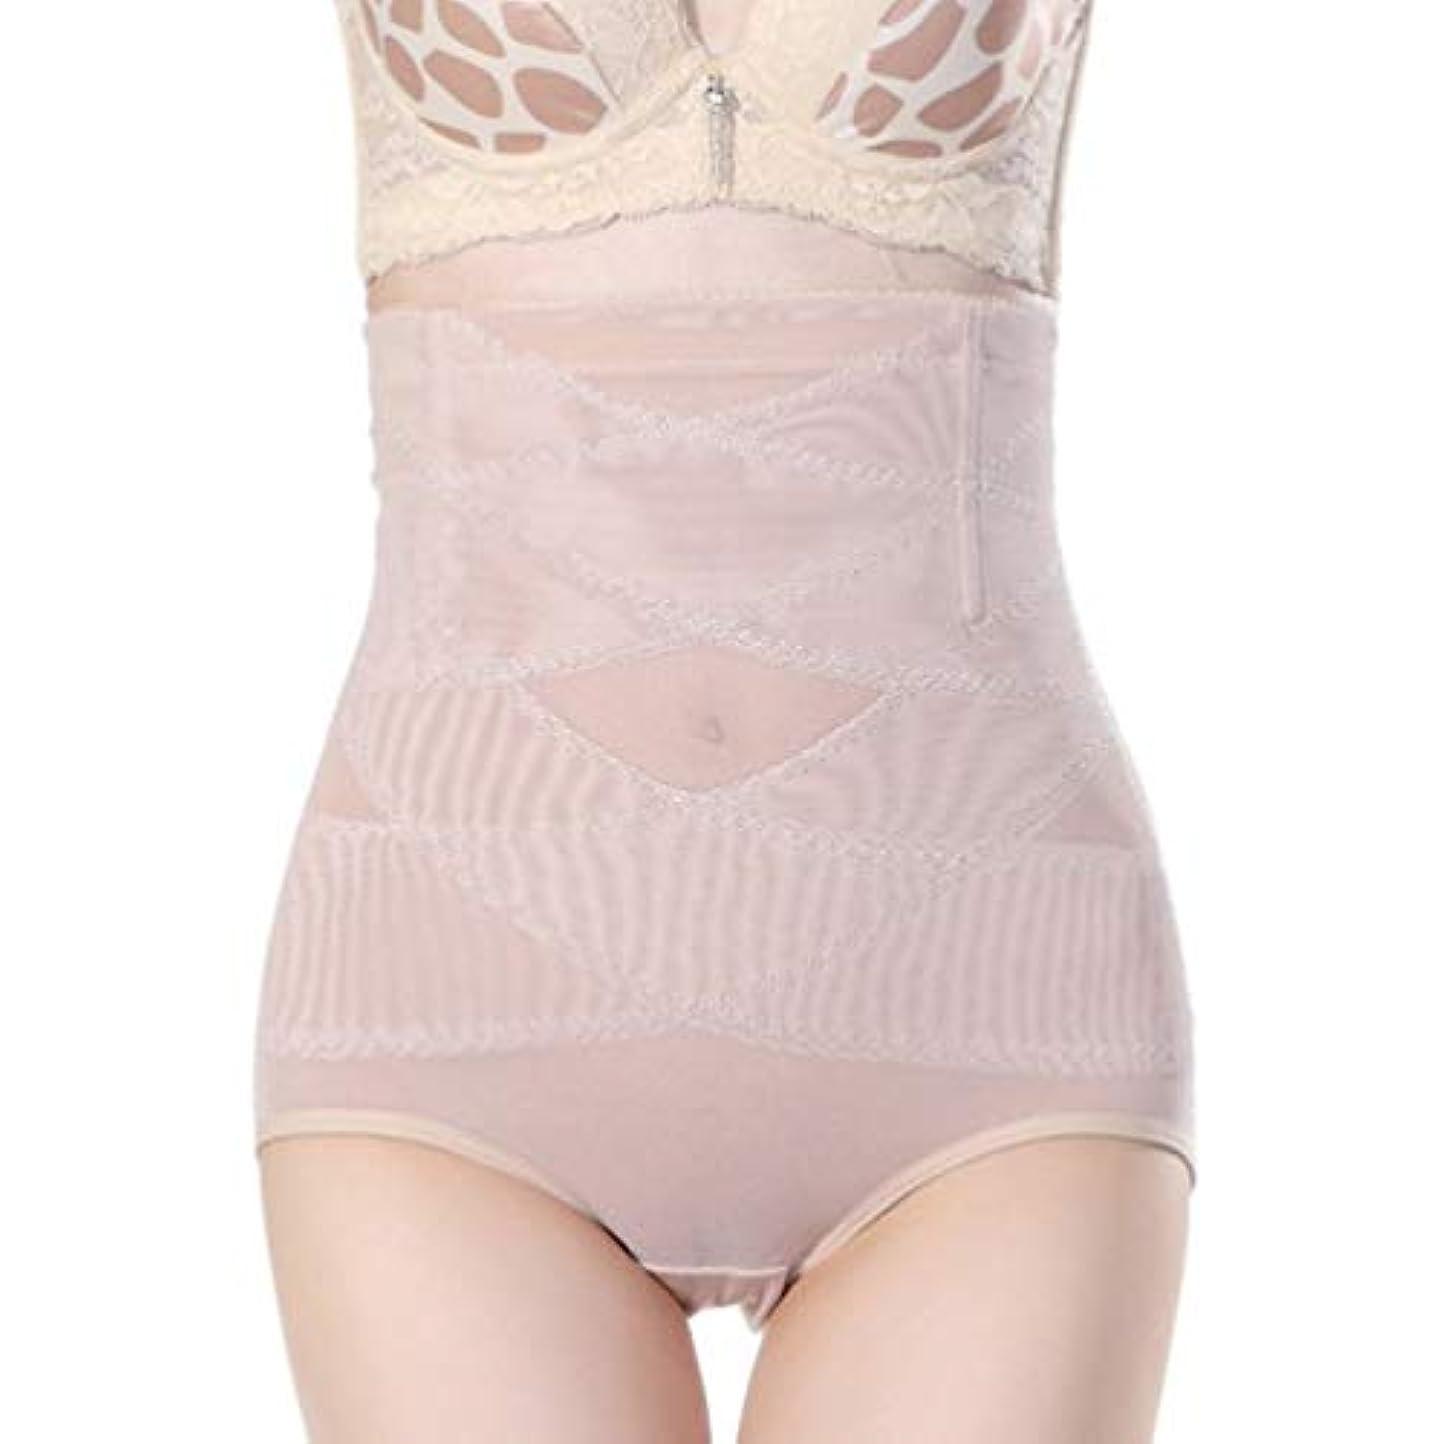 ブルーム法律により一定腹部制御下着シームレスおなかコントロールパンティーバットリフターボディシェイパーを痩身通気性のハイウエストの女性 - 肌色2 XL